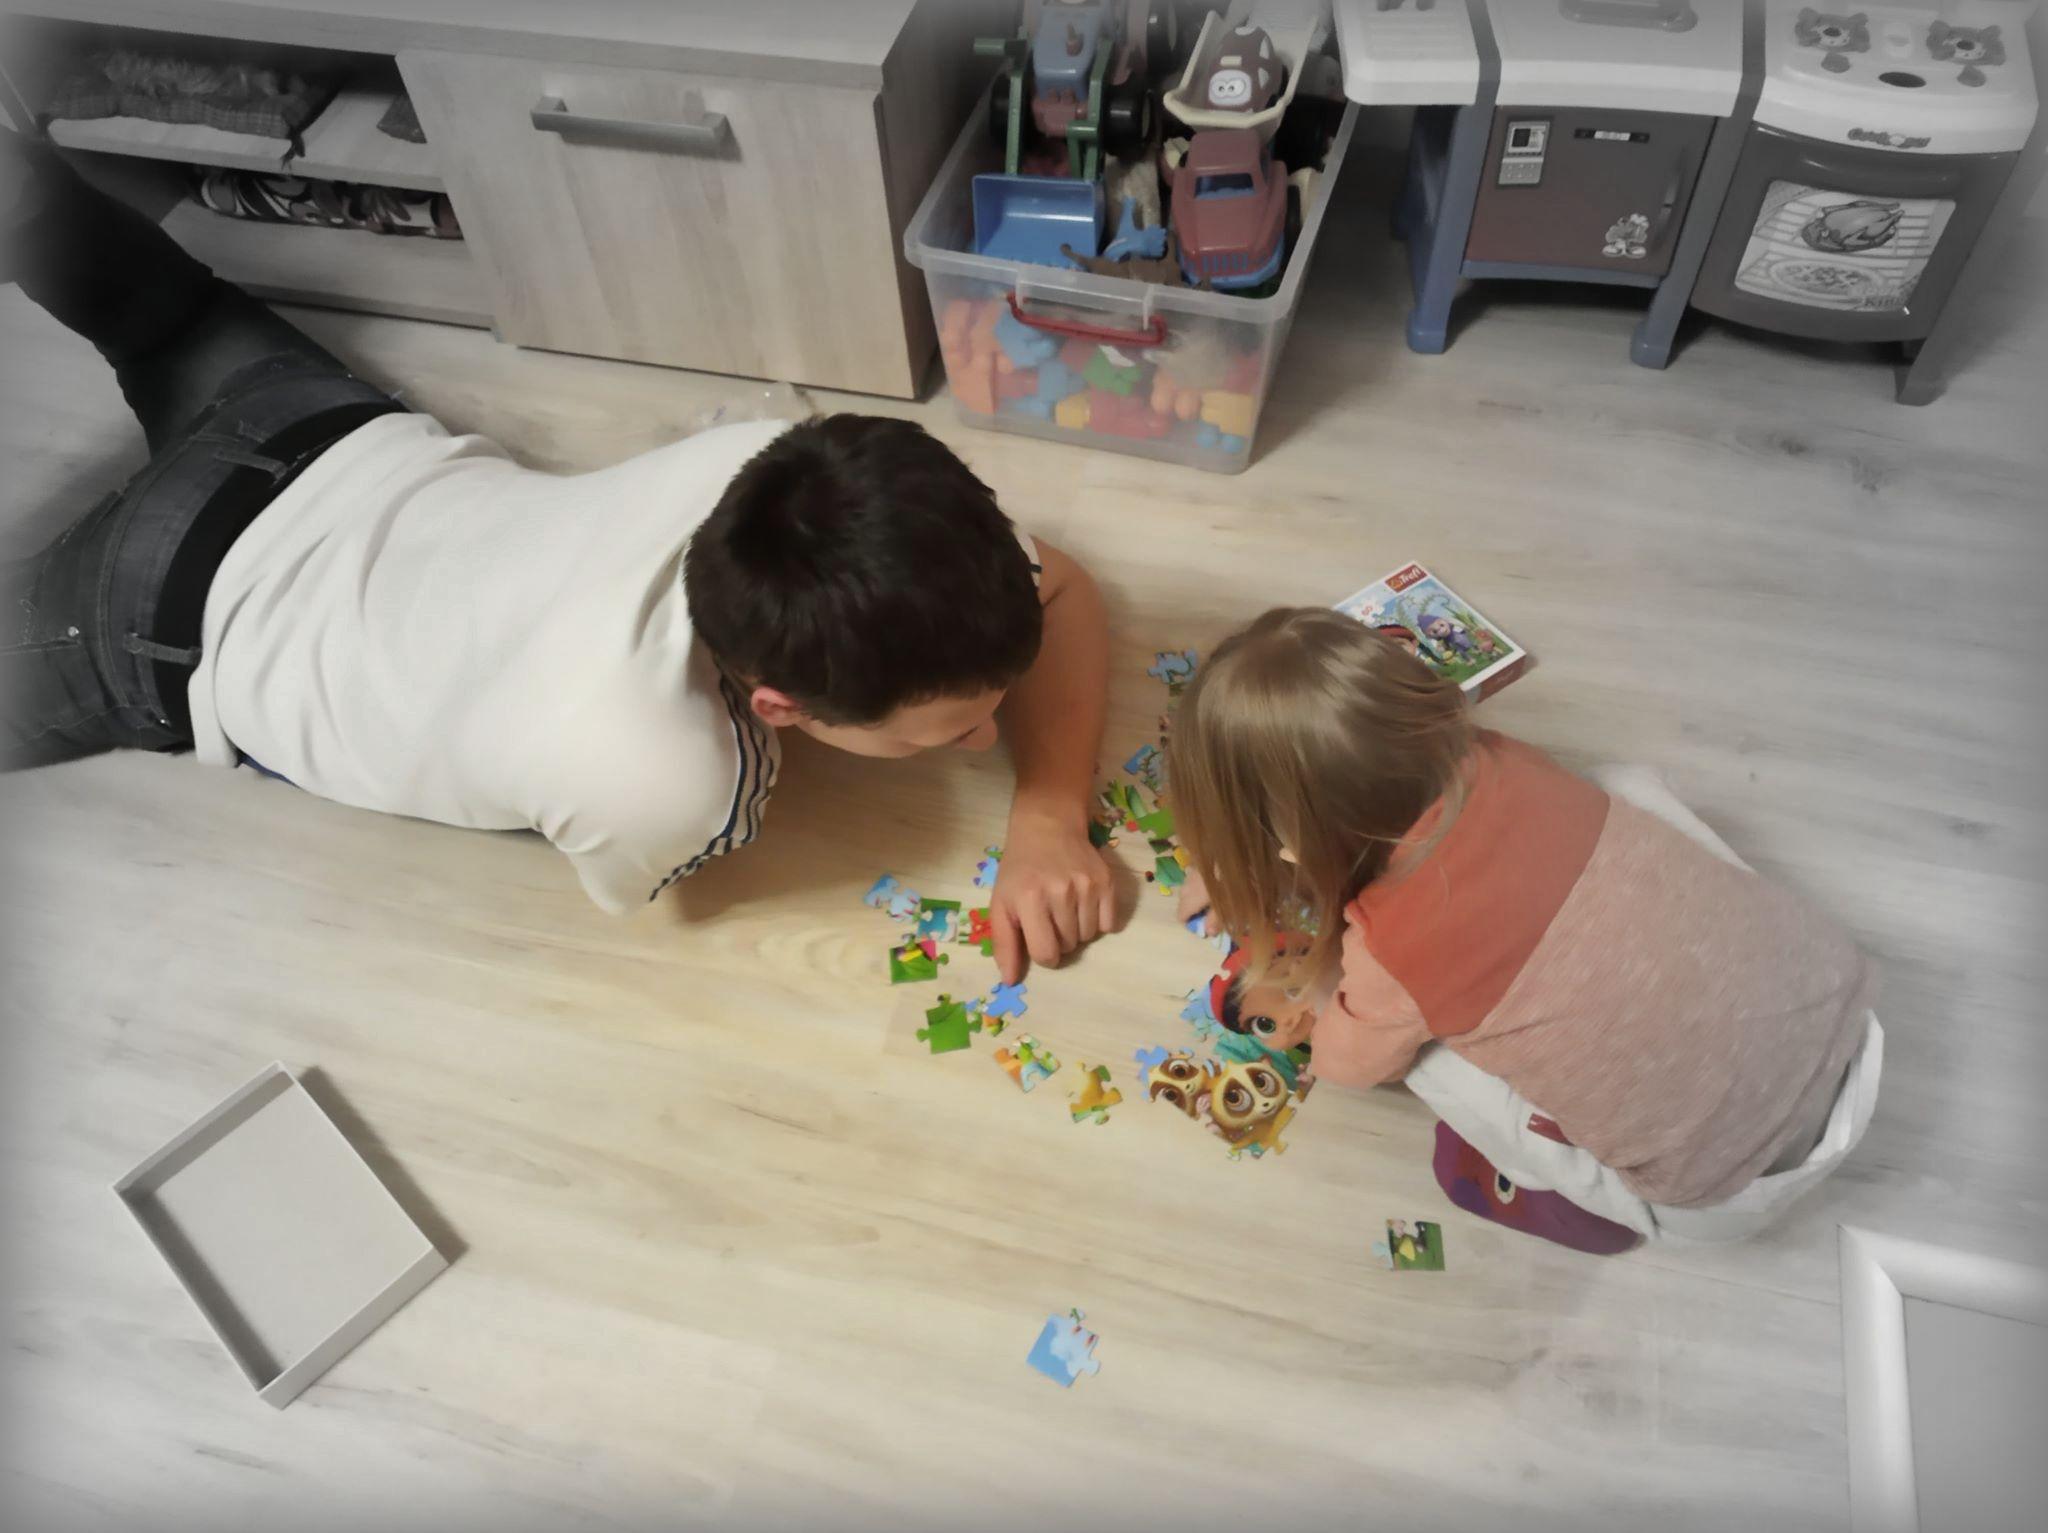 latwiej-jest-byc-troskliwym-tata-puzzle